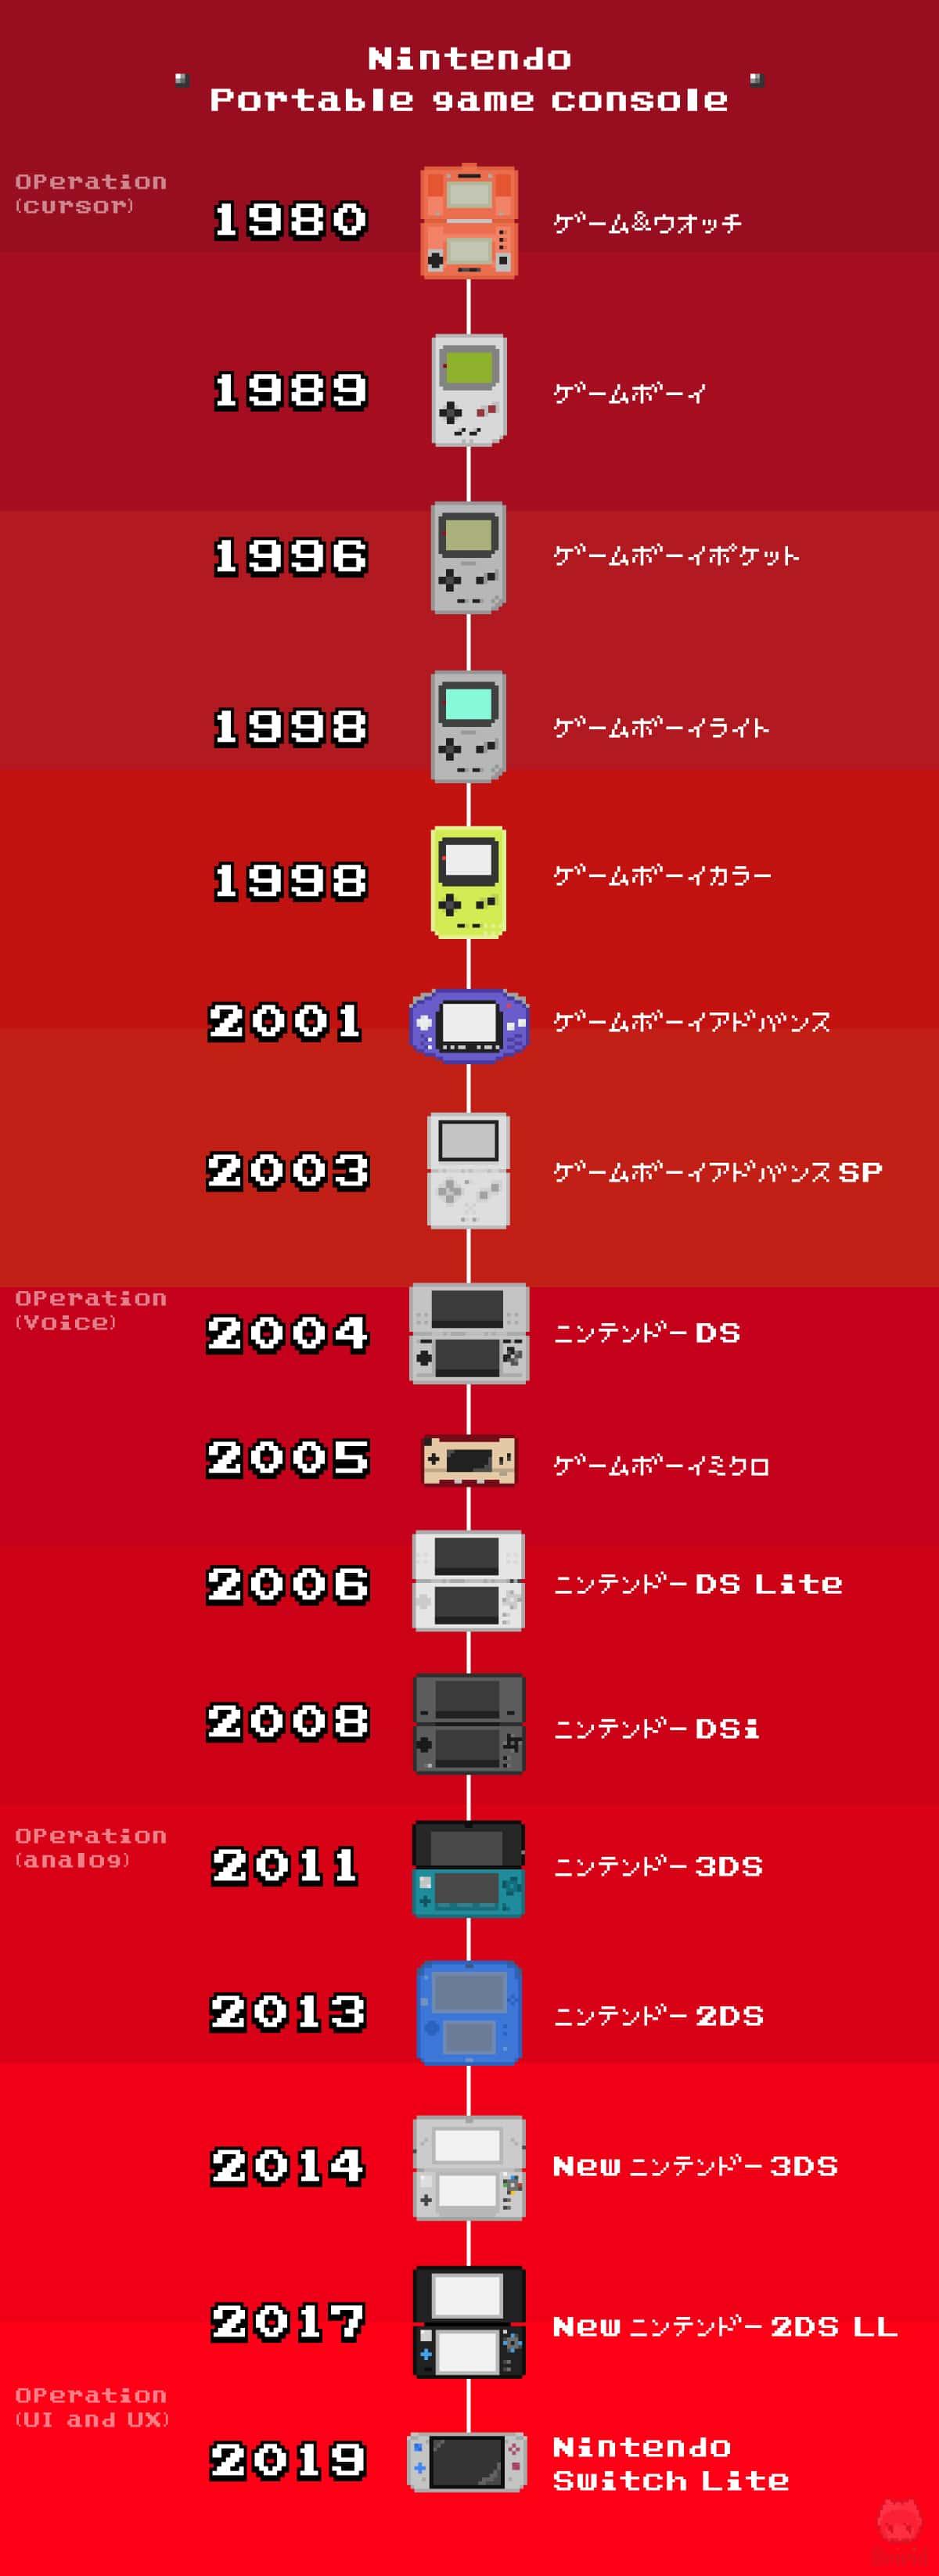 とにかく長い任天堂携帯ゲーム機の歴史。